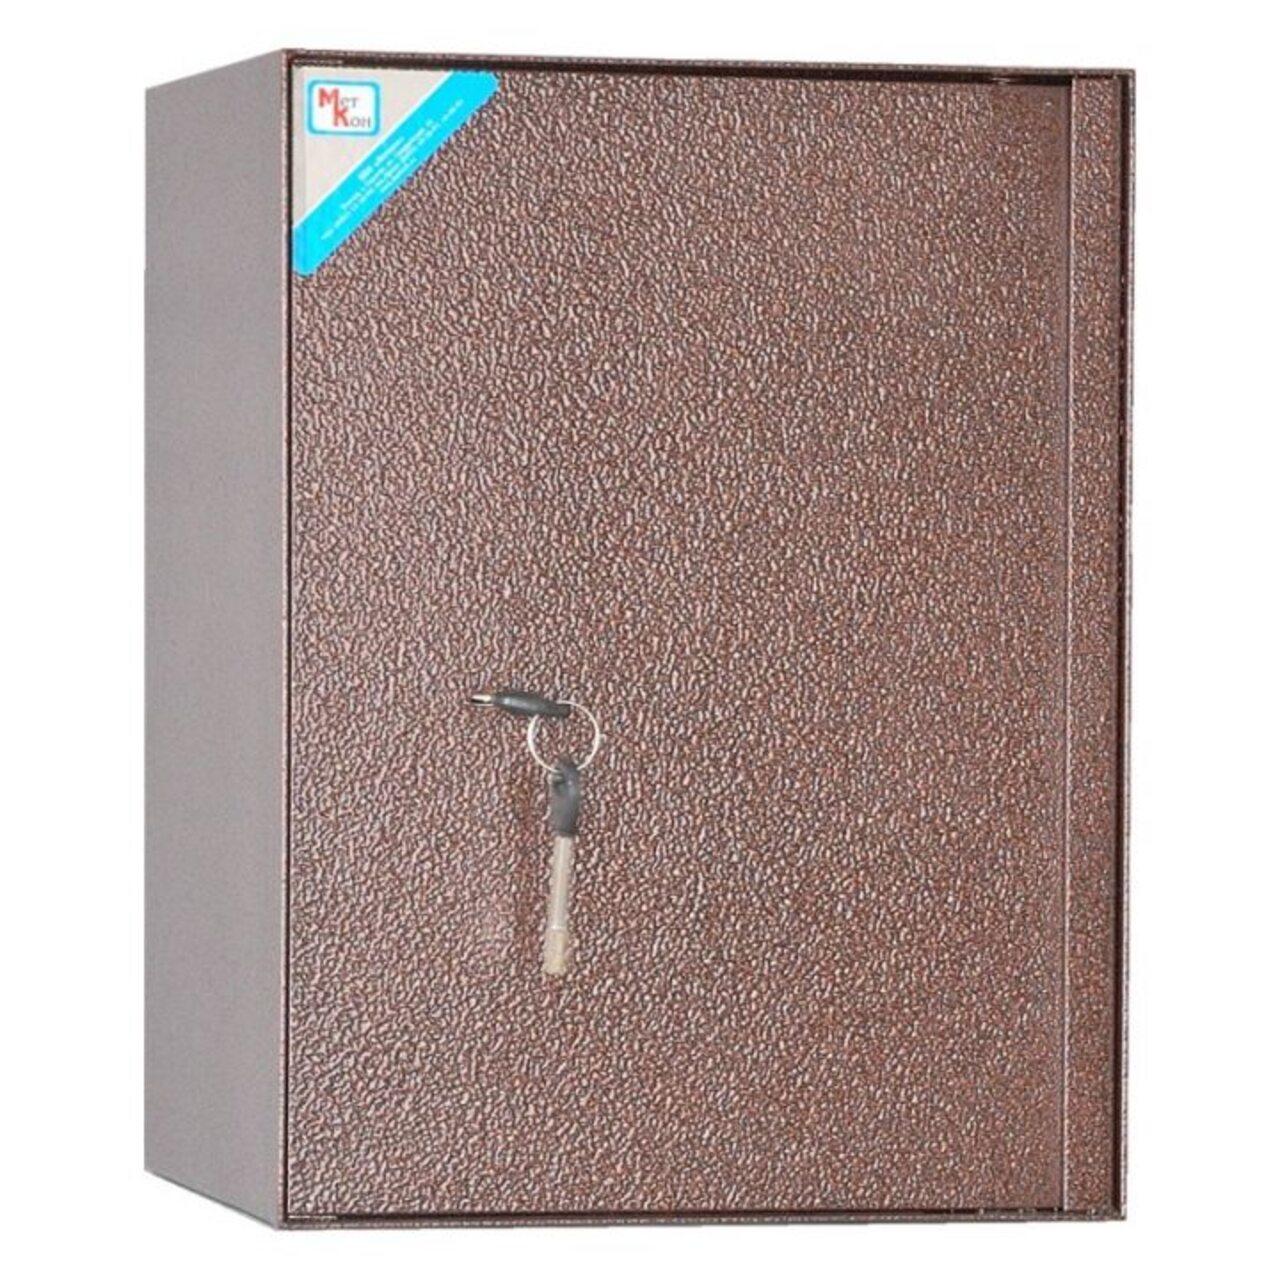 Шкаф мебельный ШМ-5 - фото 1